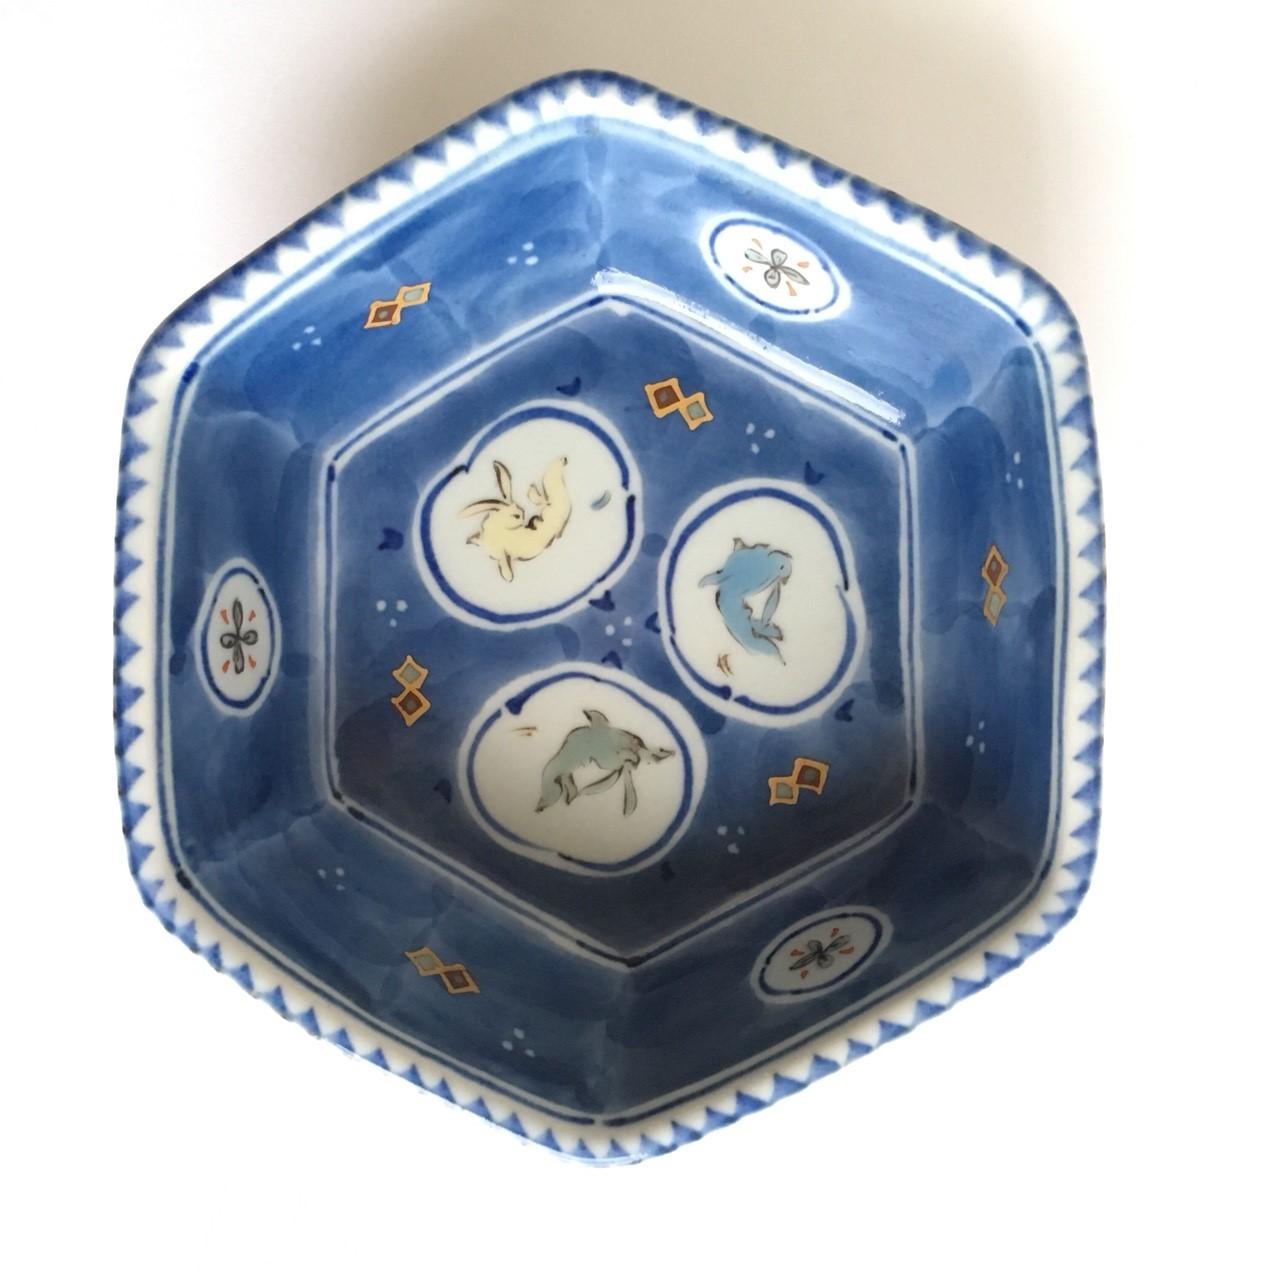 染錦窓絵兎文六角鉢